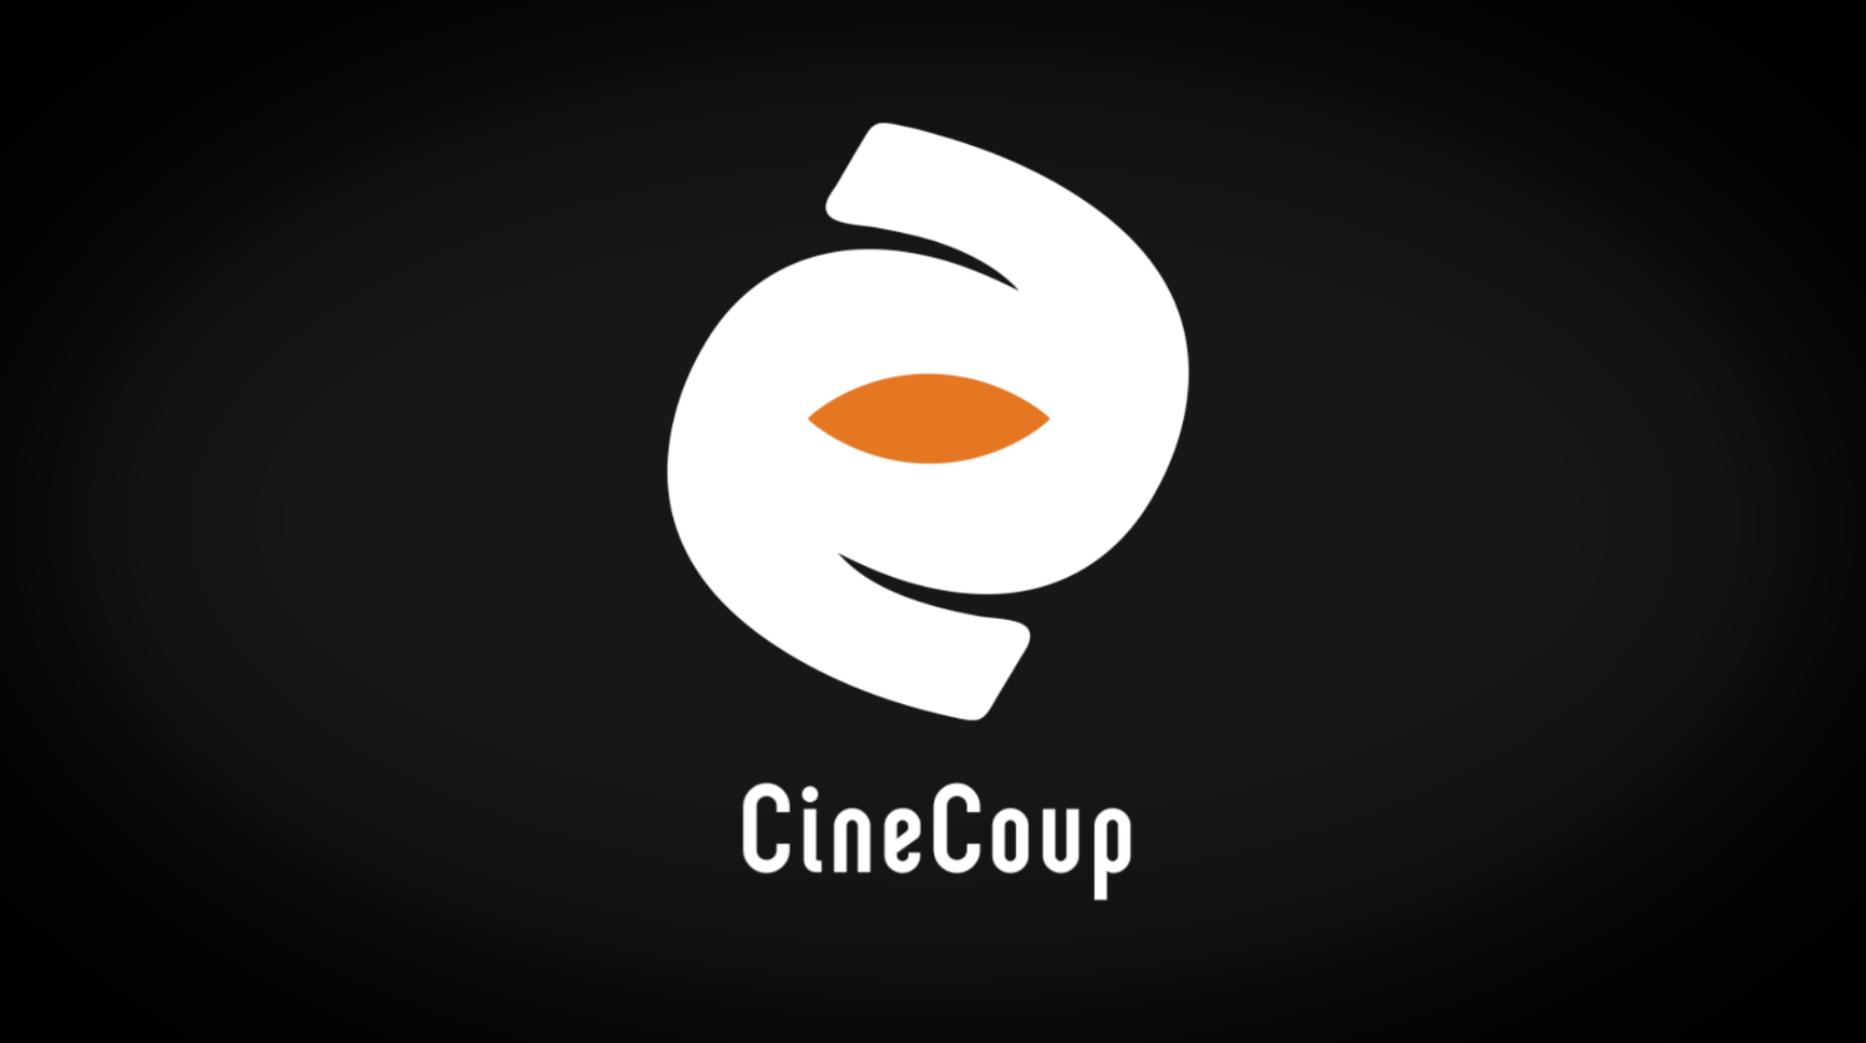 Cinecoup.png